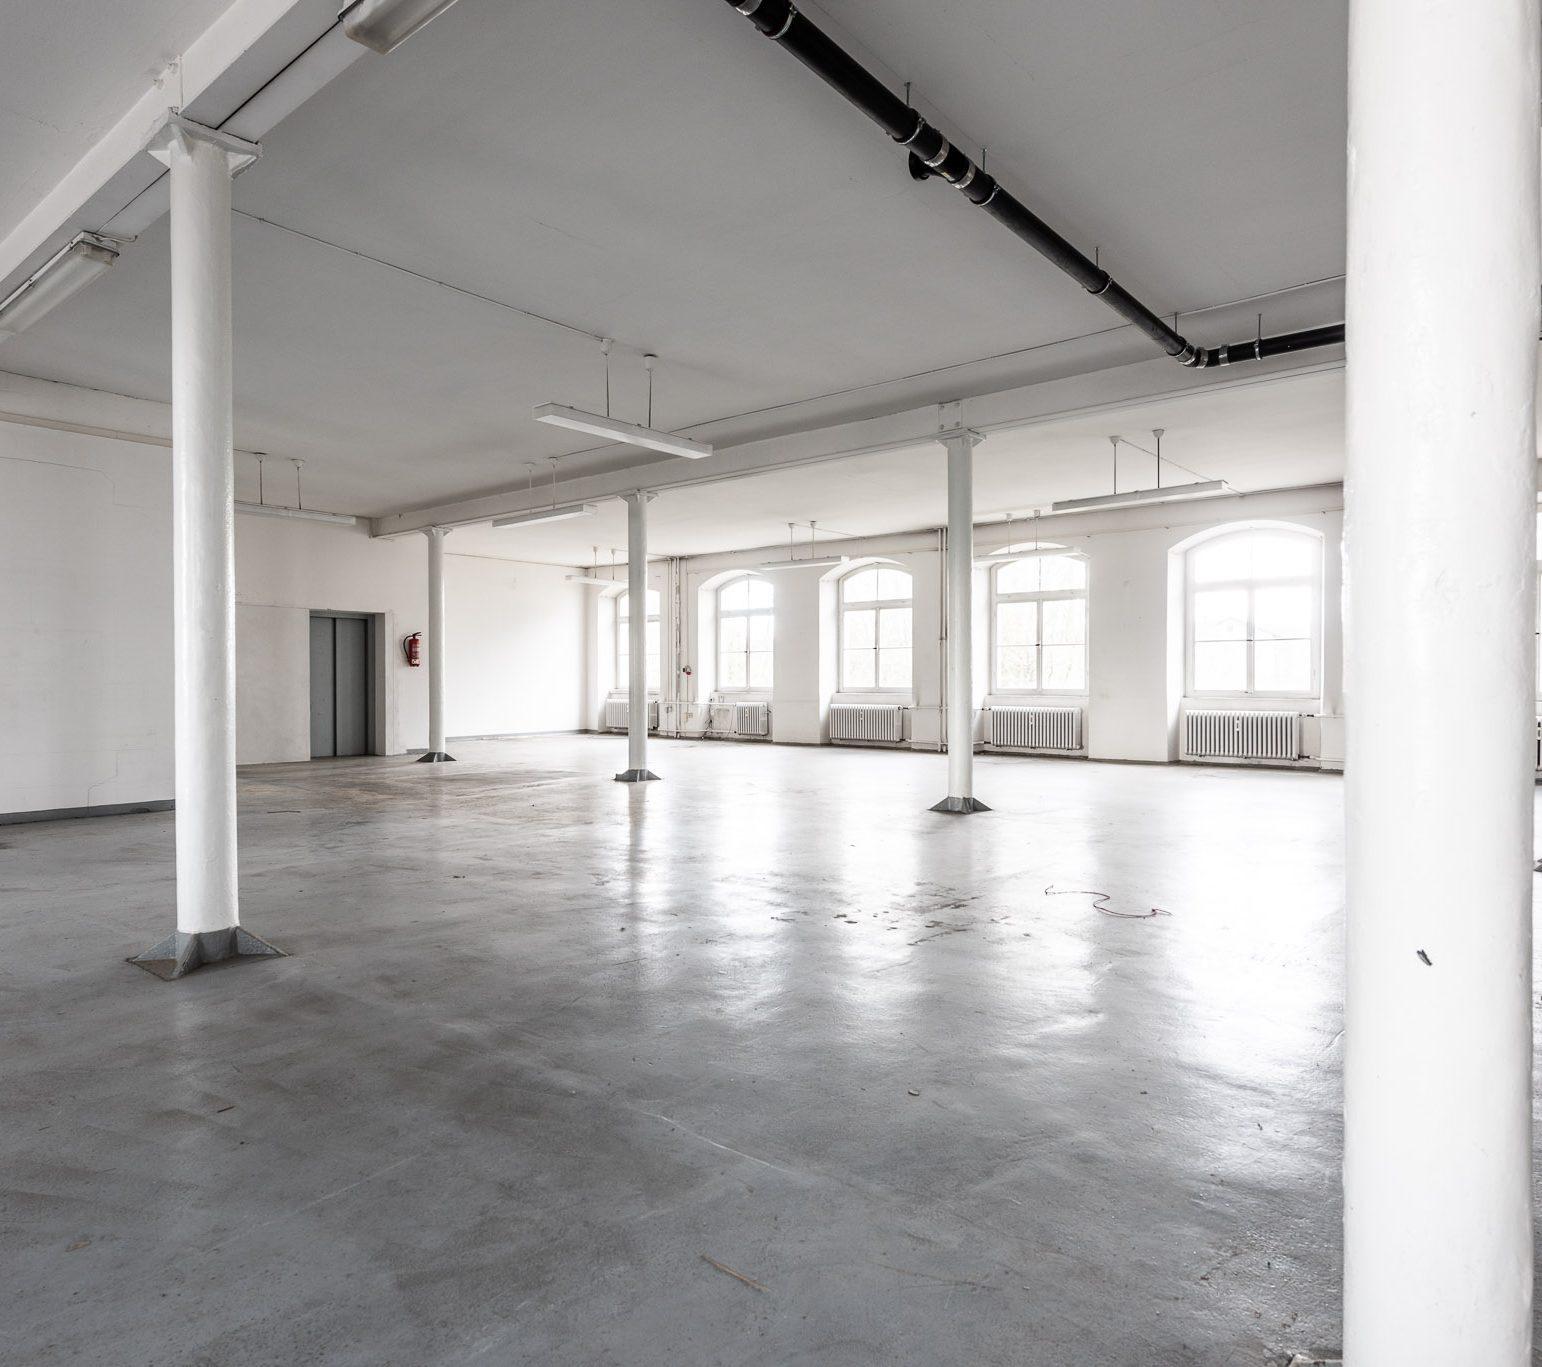 büro einzelhandel gewerbe wup-wolldeckenfabrik-1017